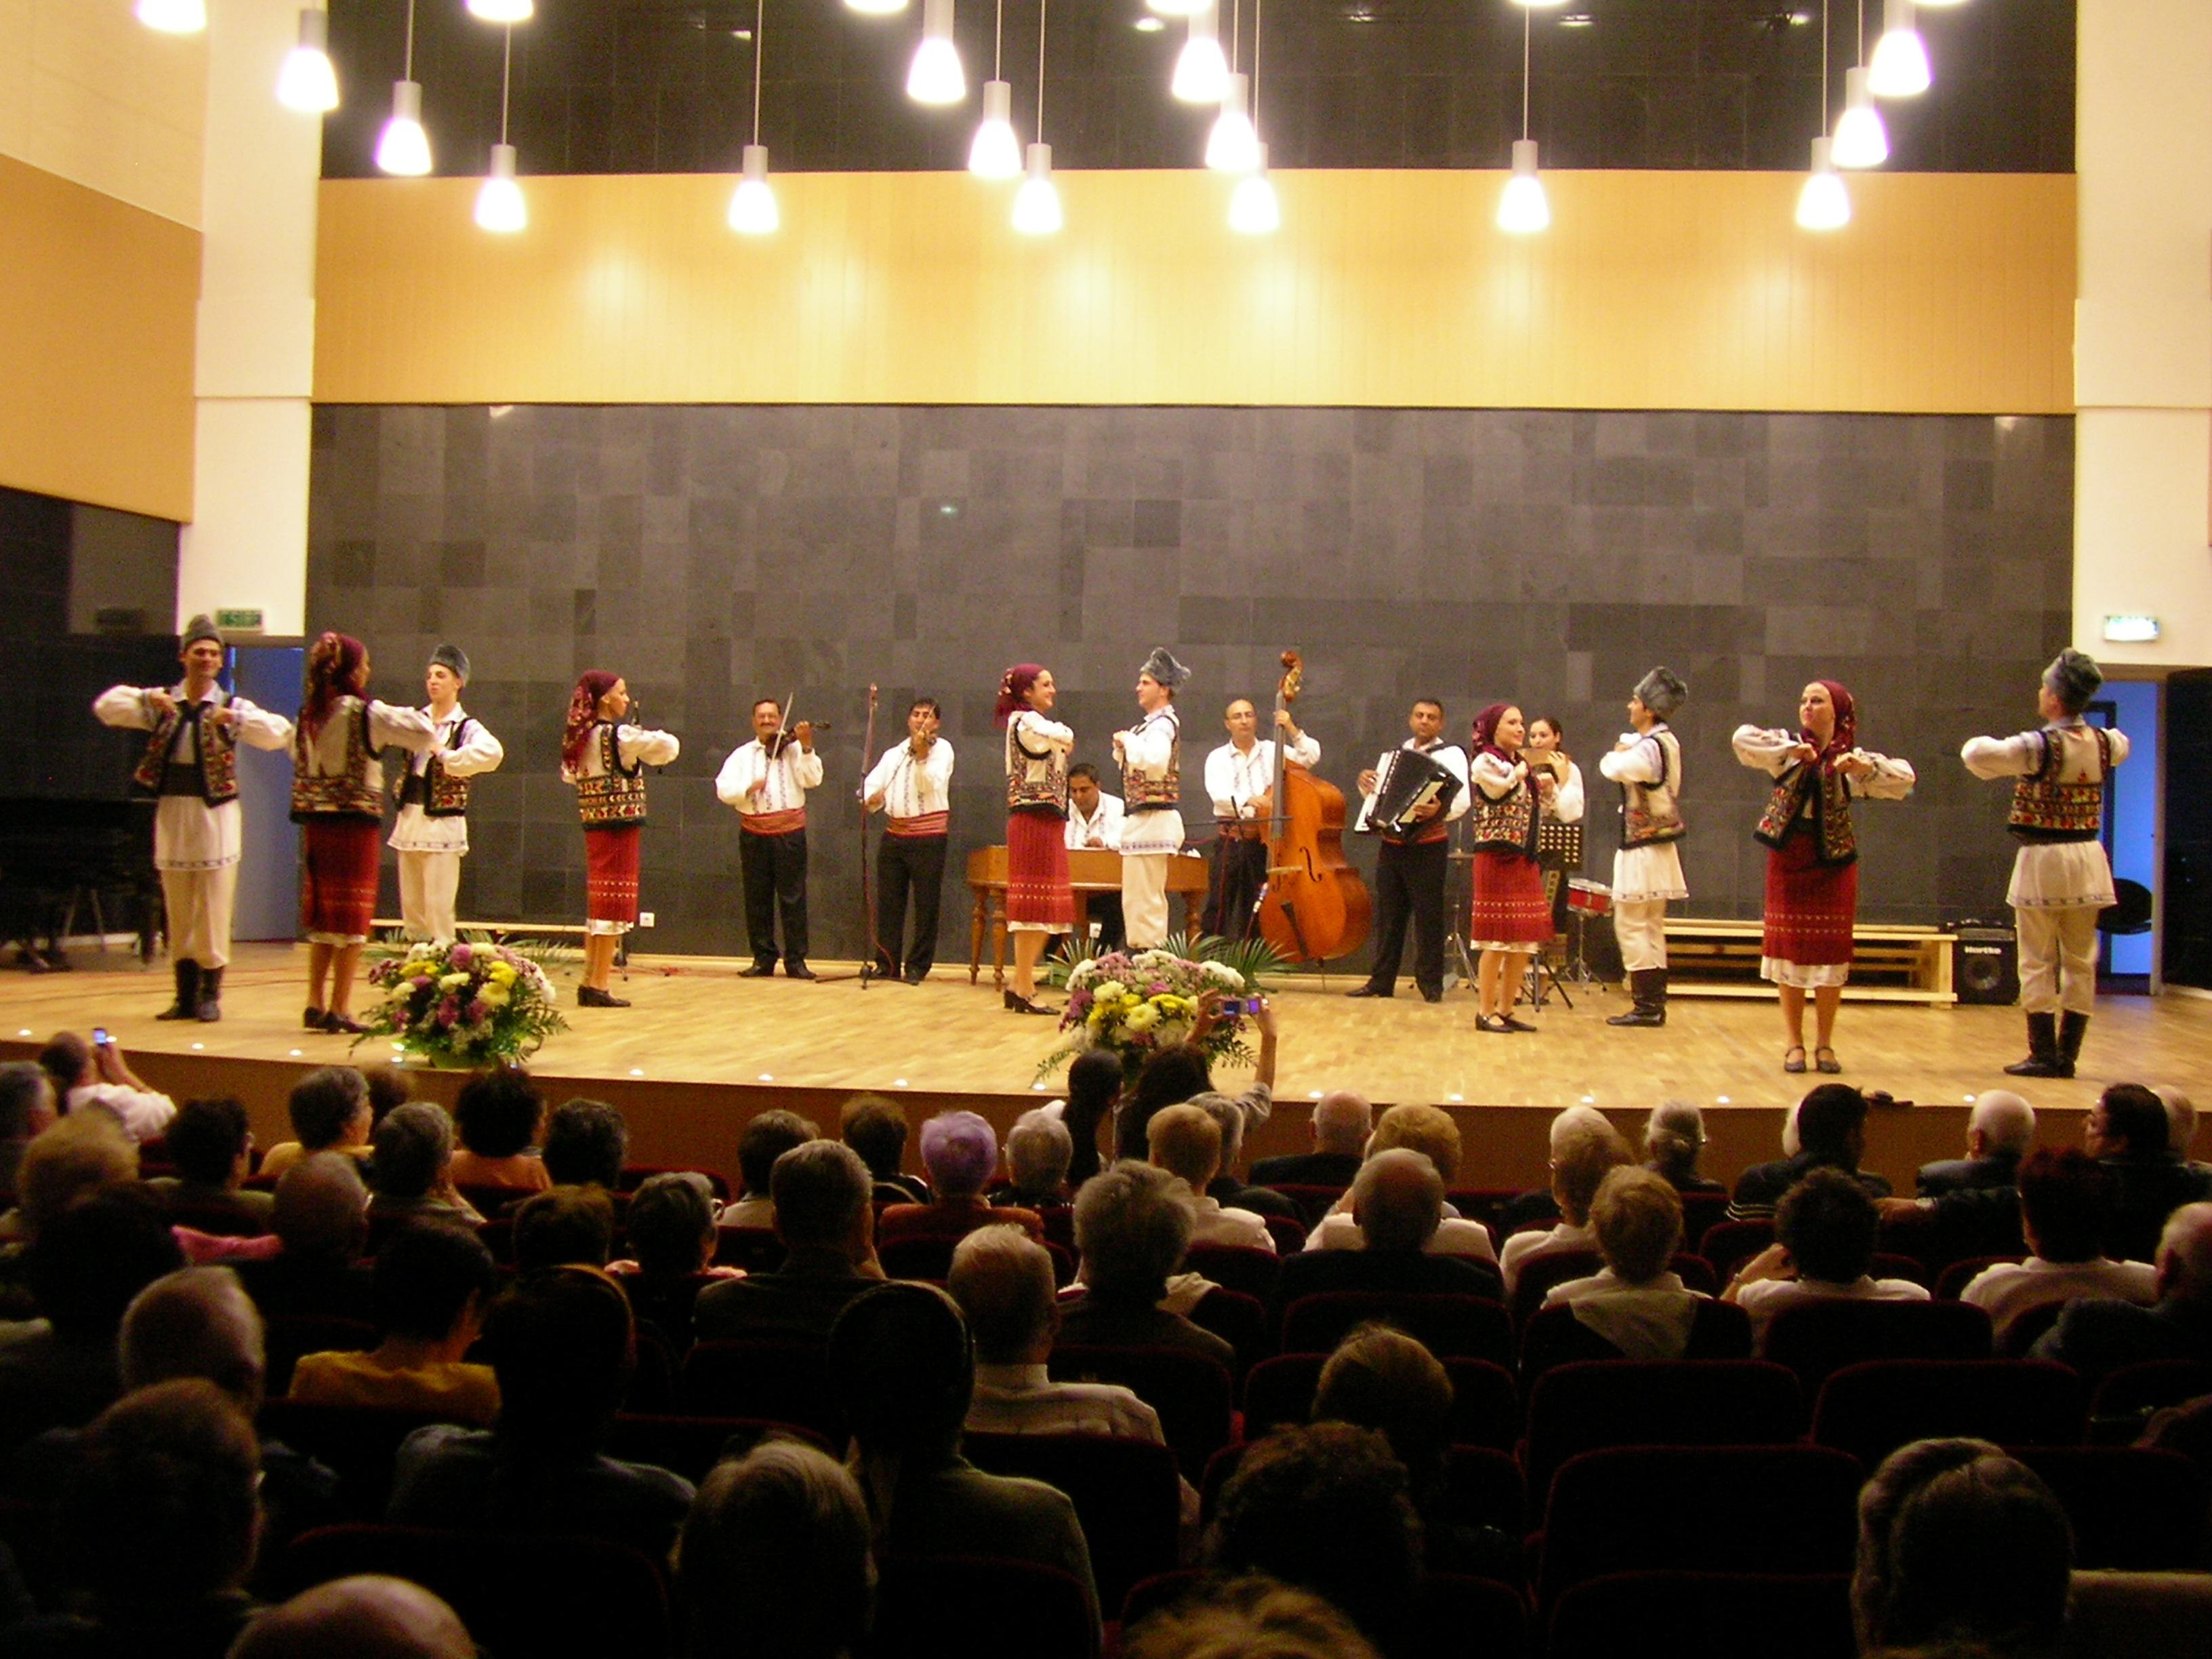 Doua zile de muzica populara la Ateneul Balanescu